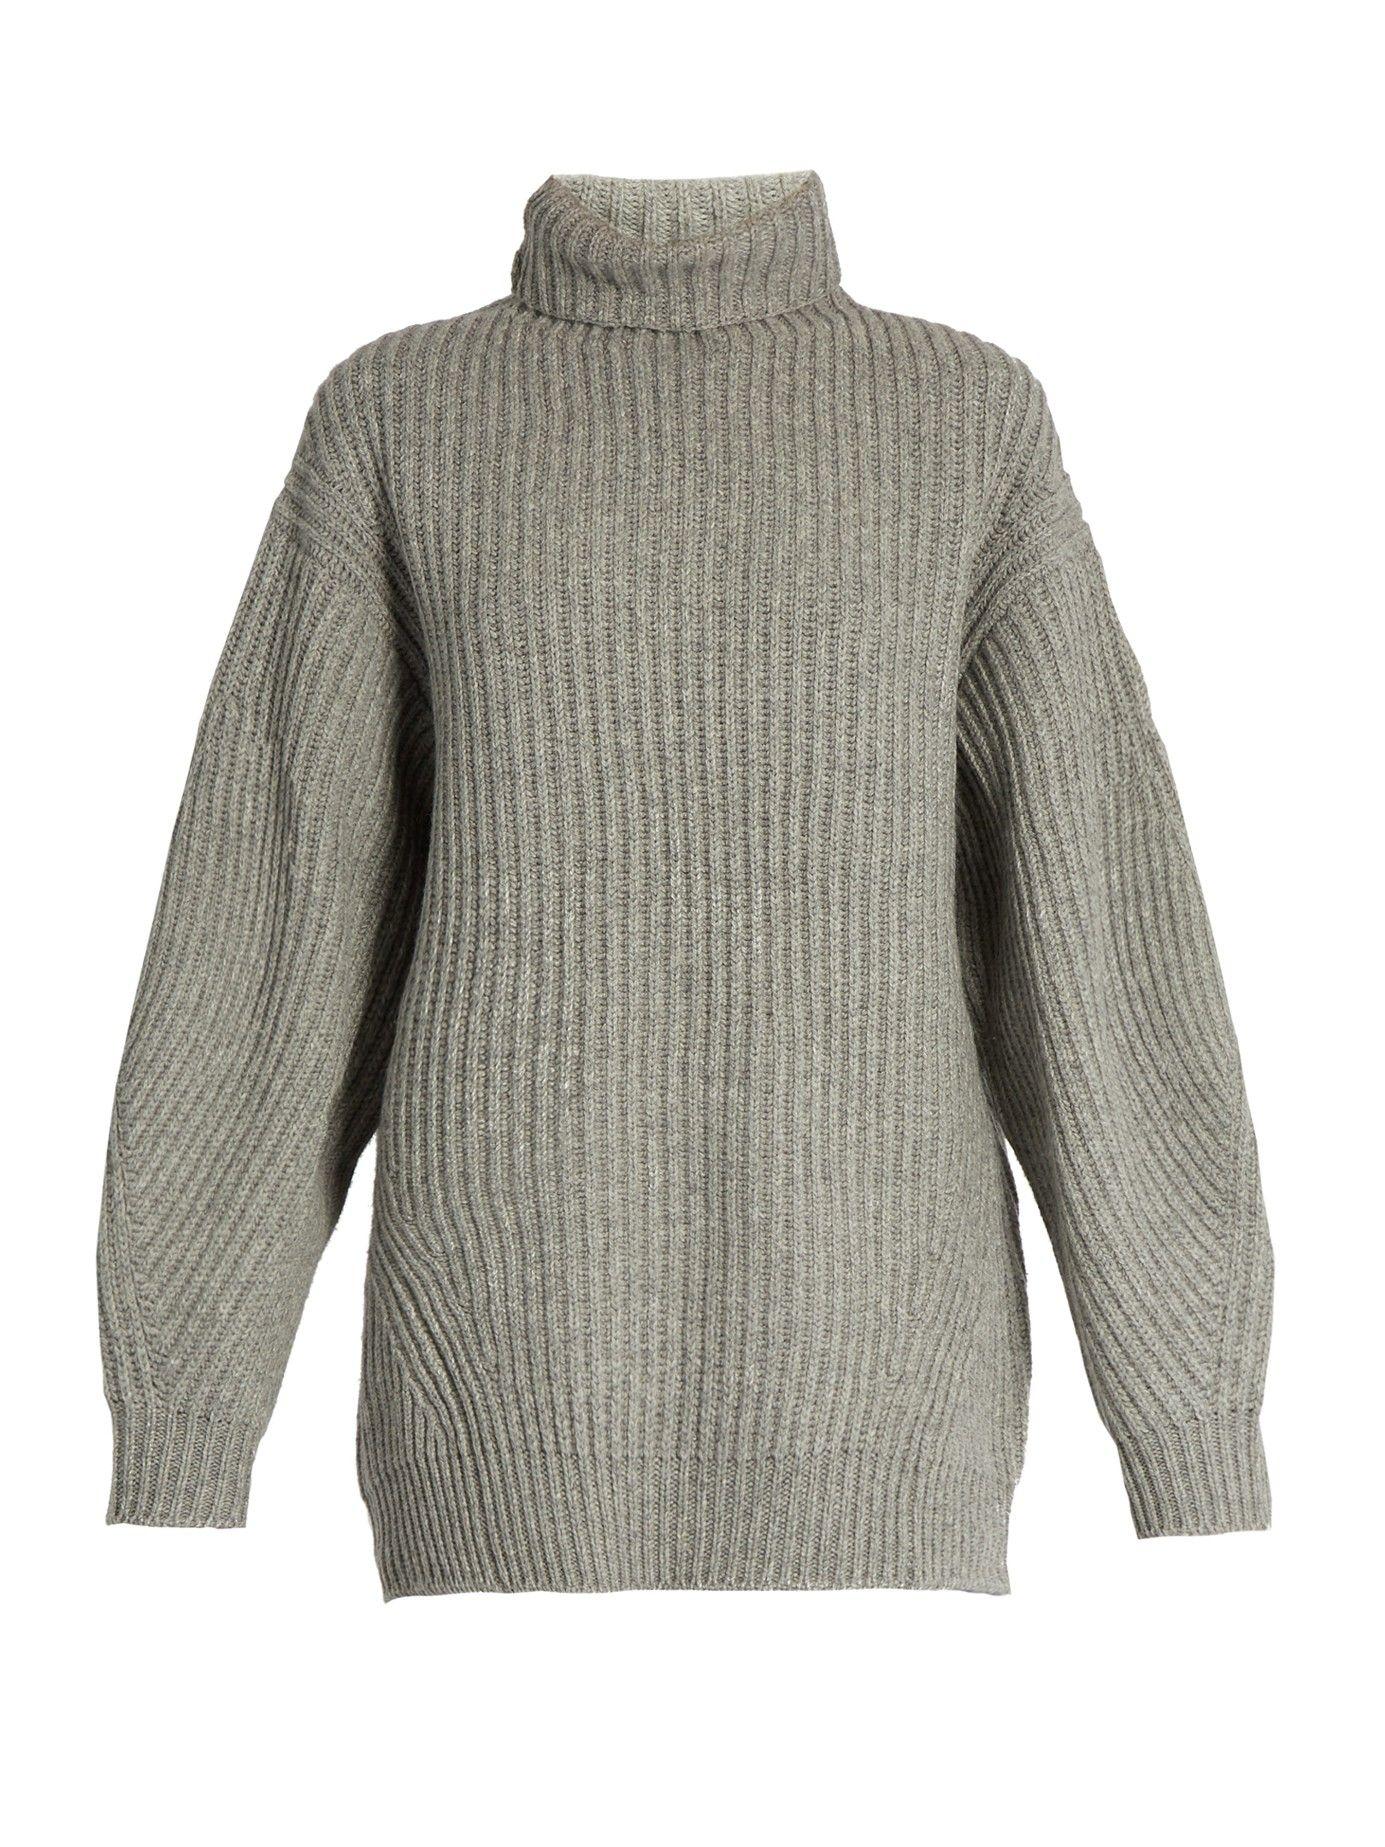 Isa oversized wool sweater | Acne Studios | MATCHESFASHION.COM US ...